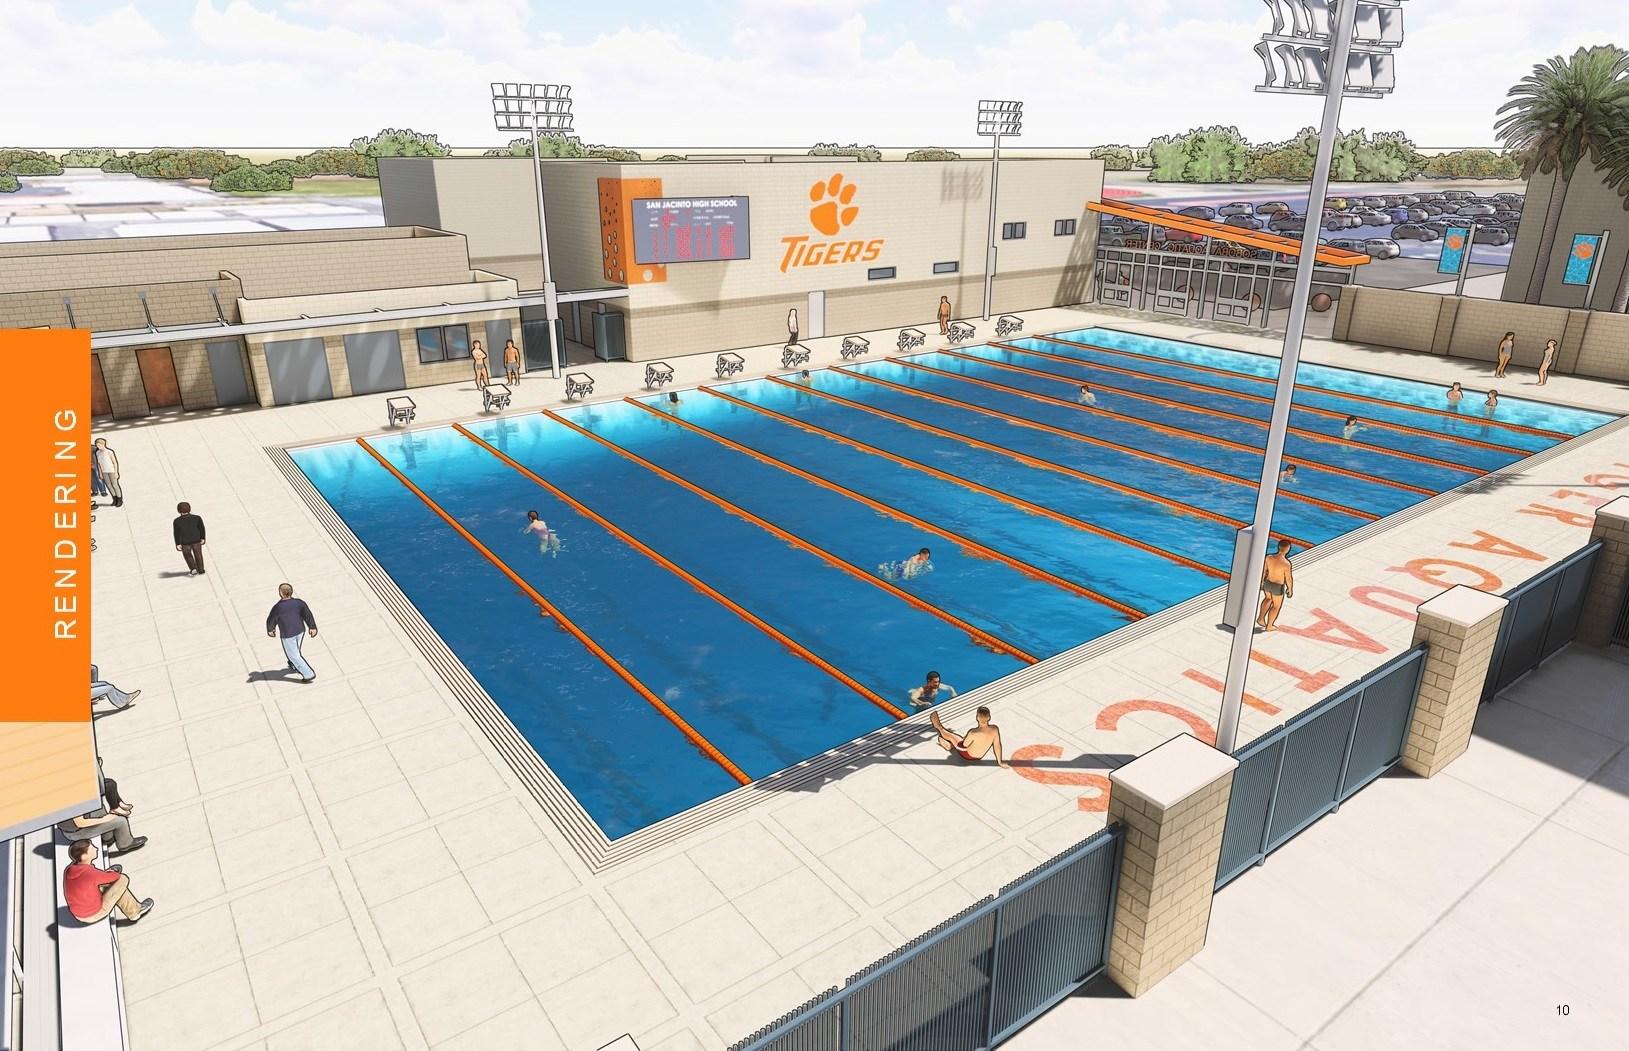 Conceptual Drawing of Soboba Aquatic Center